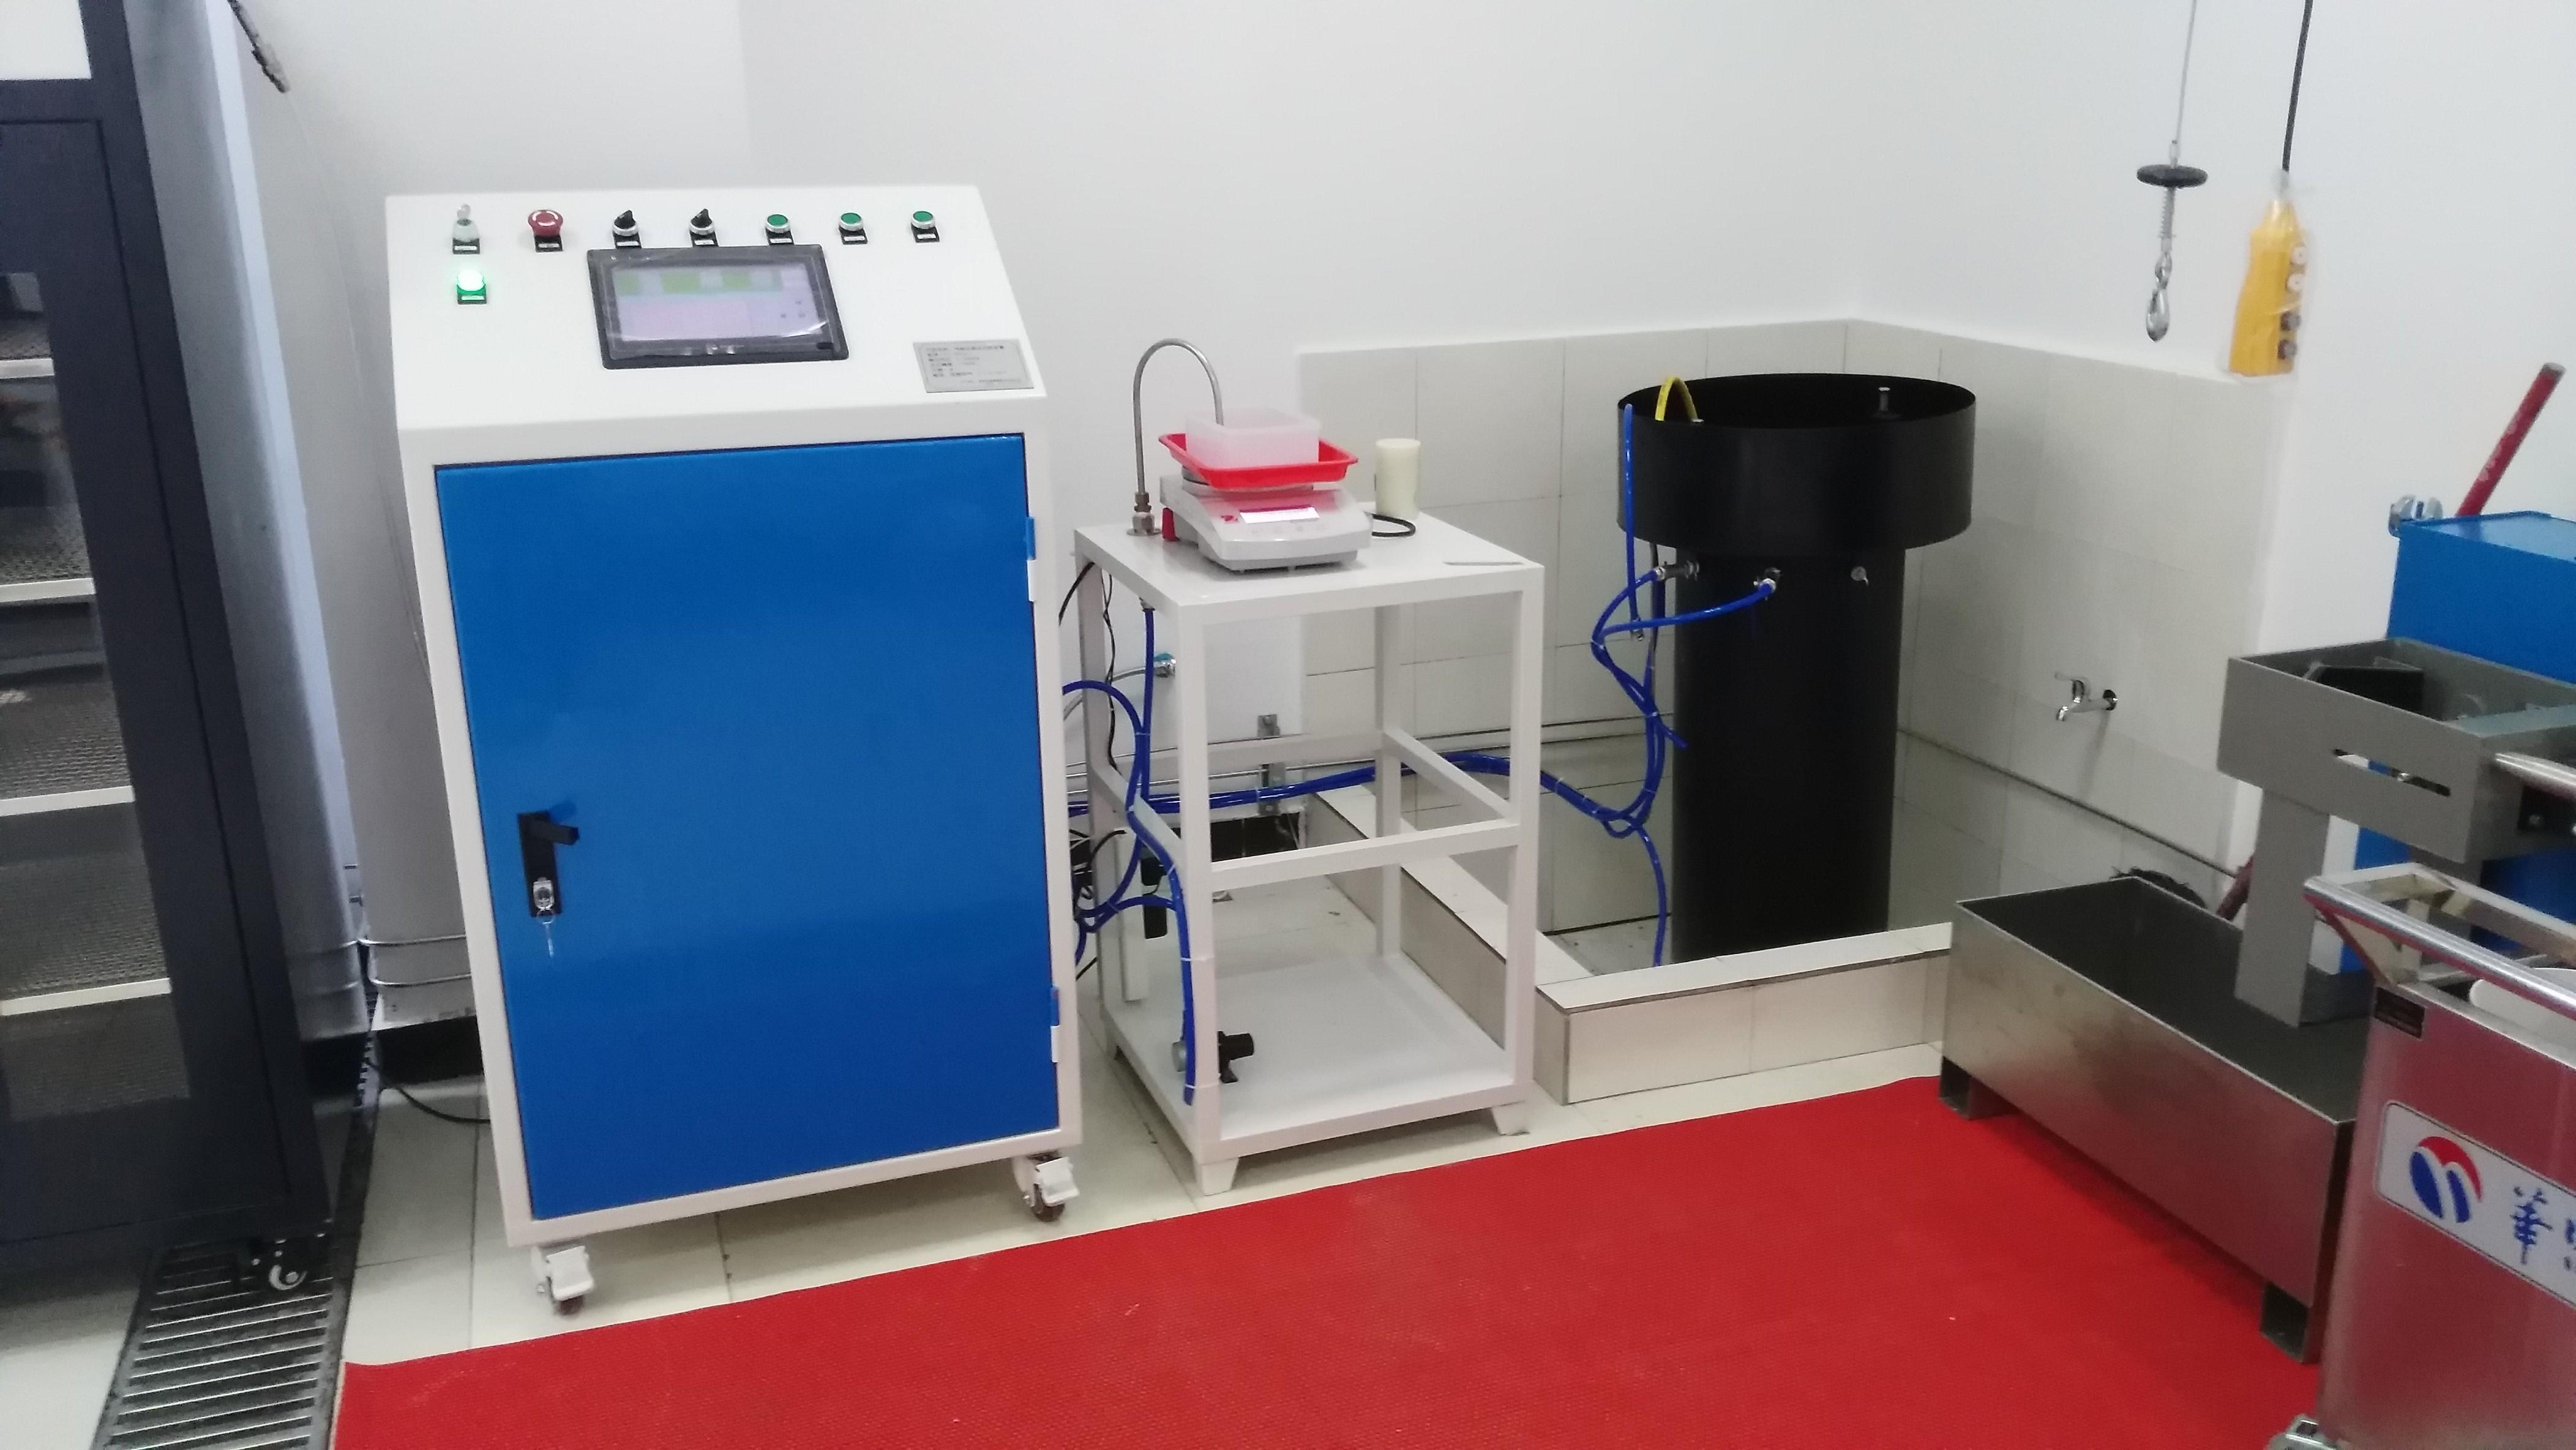 &呼吸器气瓶外测法  水压检测